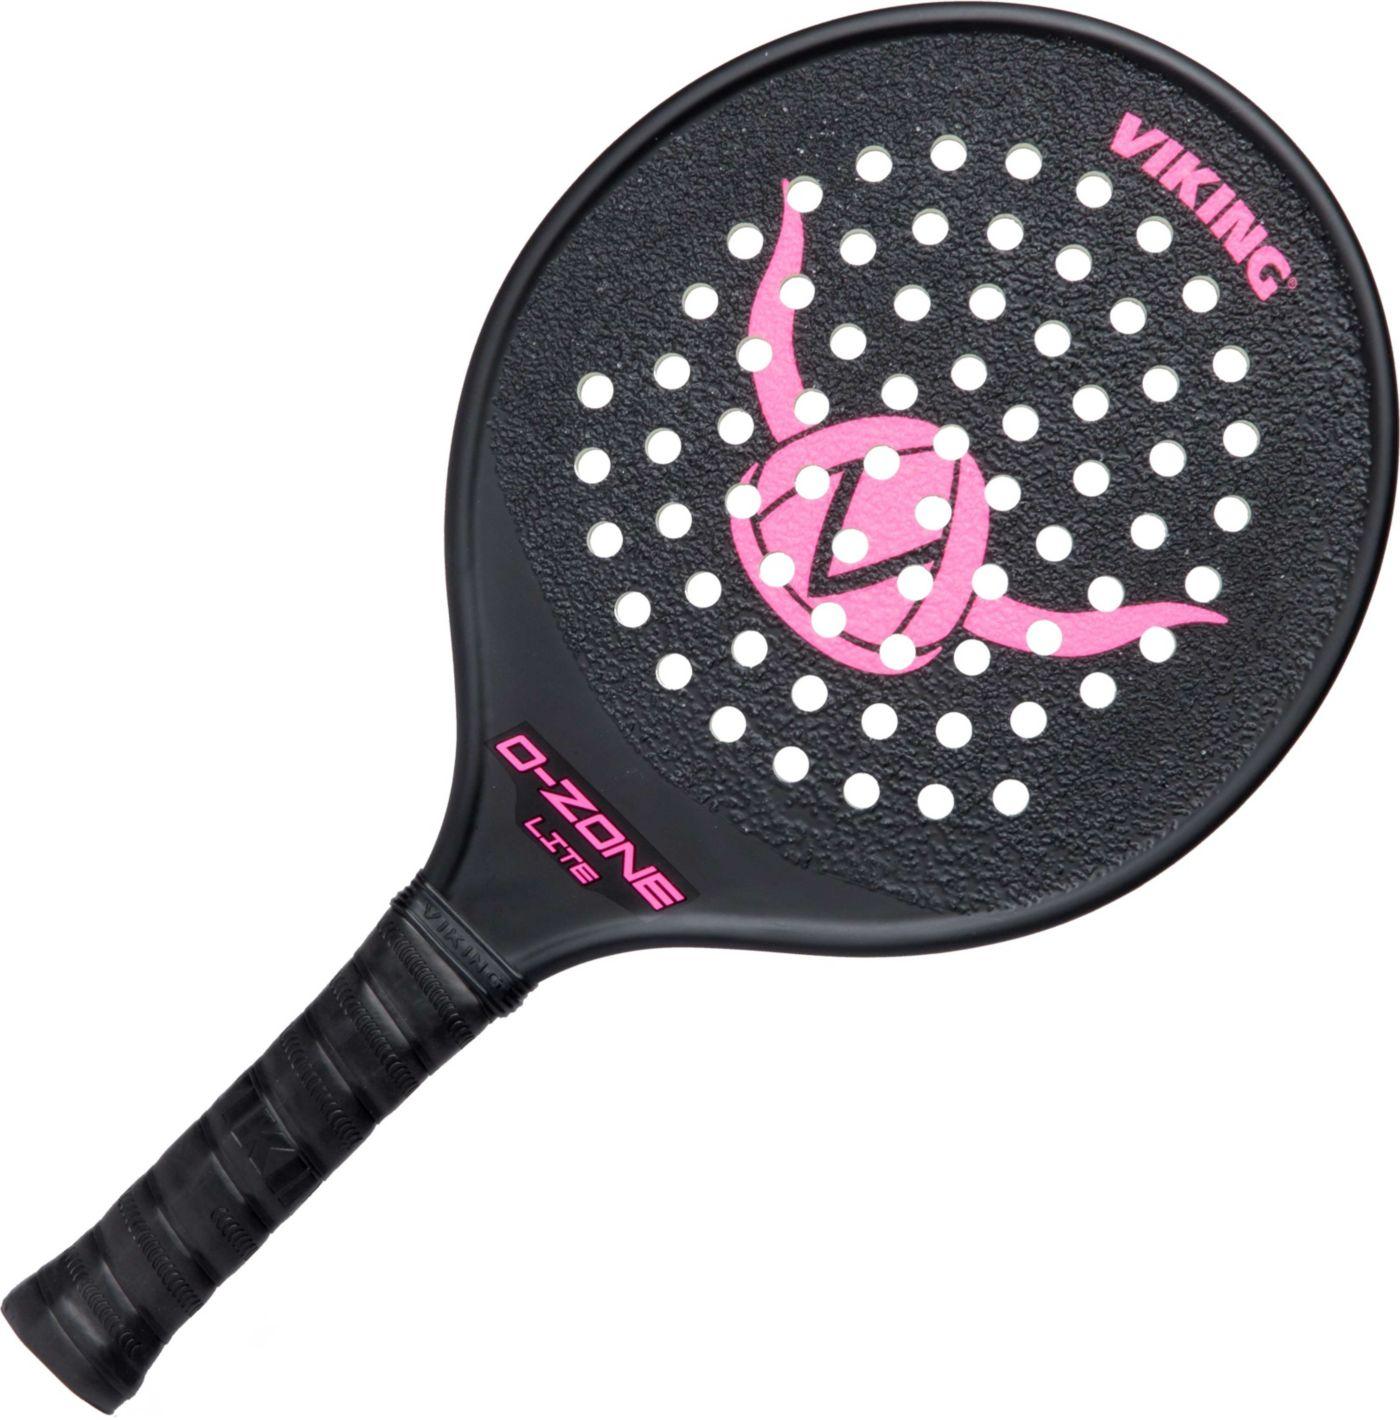 Viking O-Zone Lite GG Platform Tennis Paddle